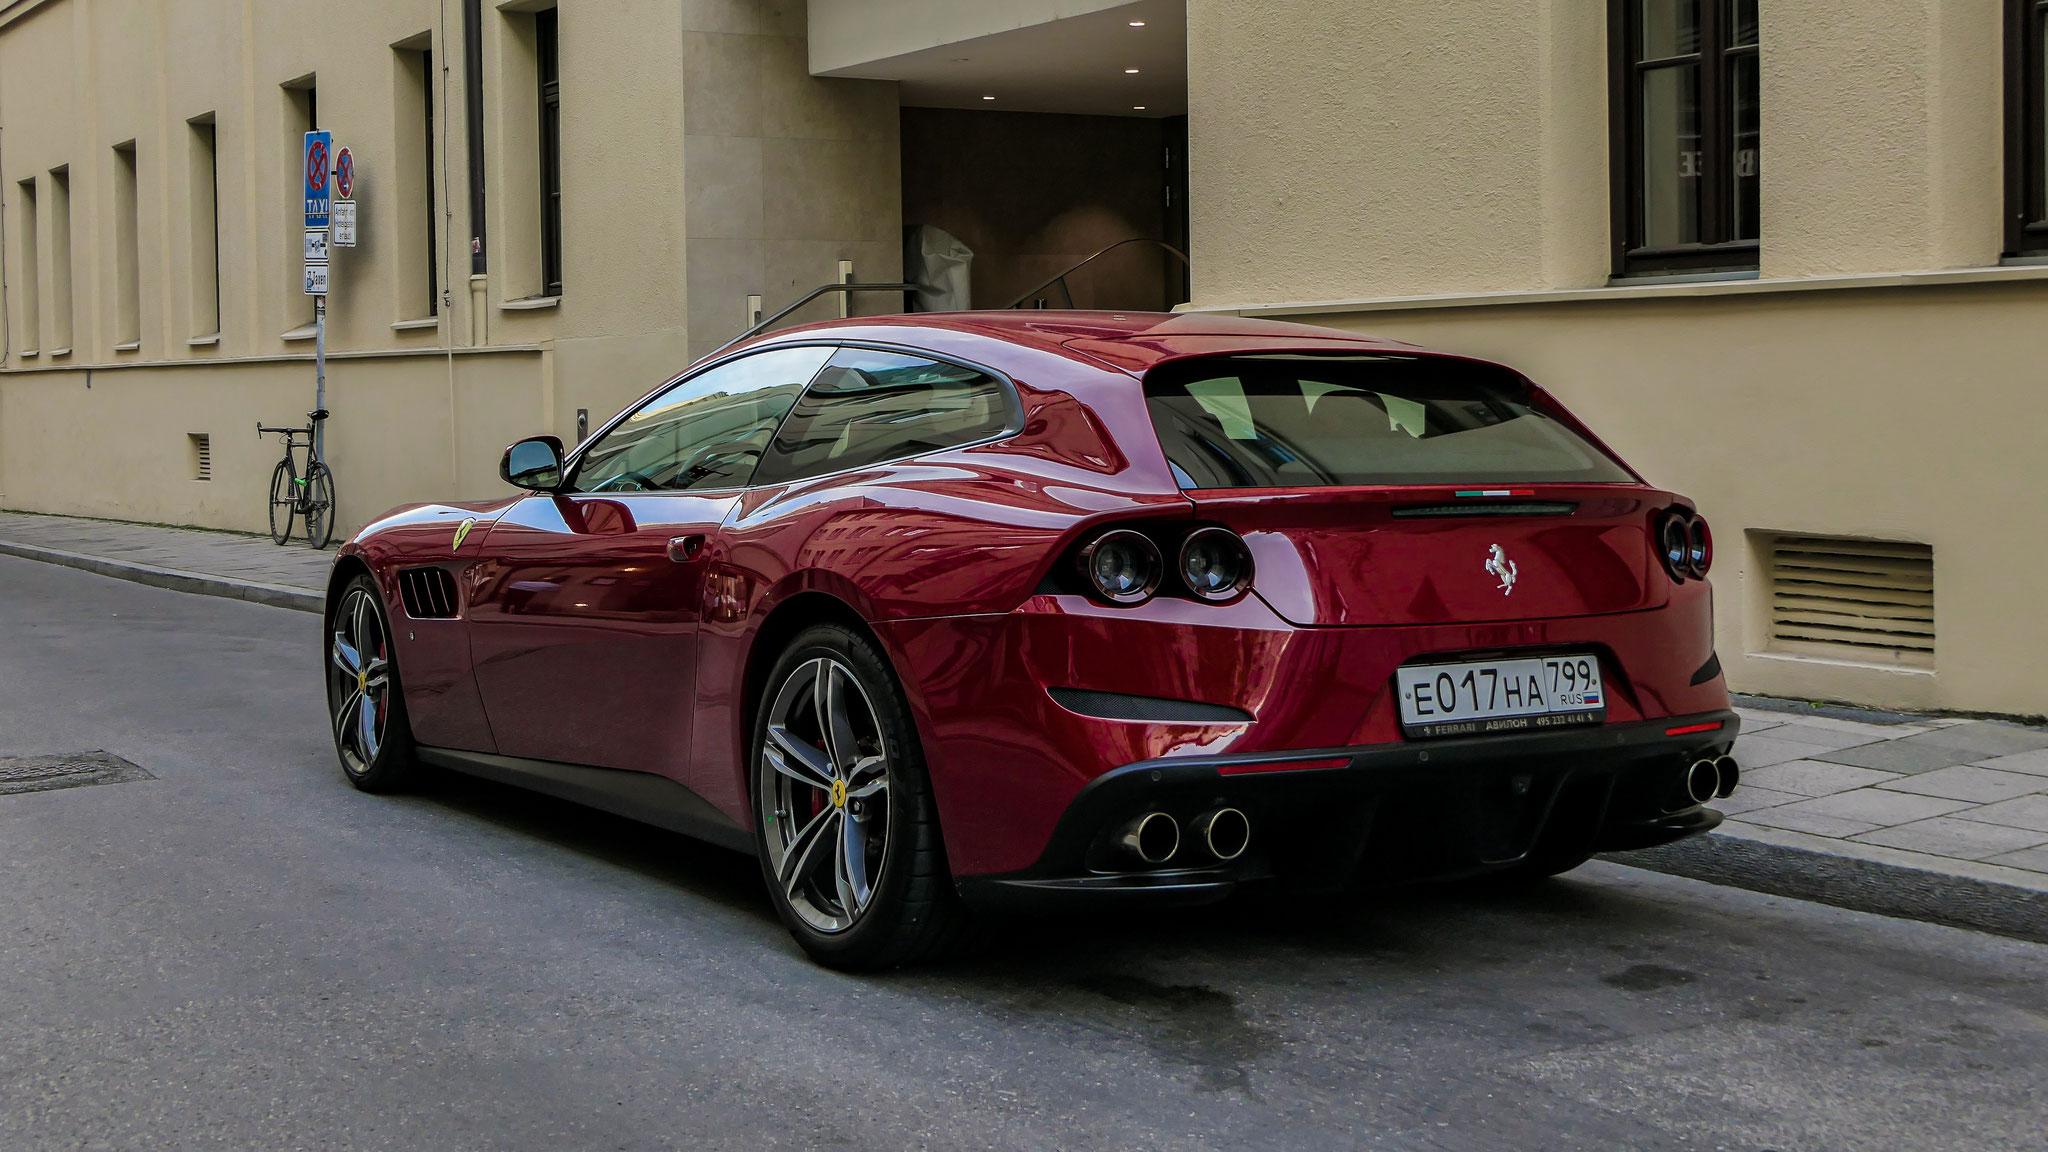 Ferrari GTC4 Lusso - E-017-HA-799 (RUS)